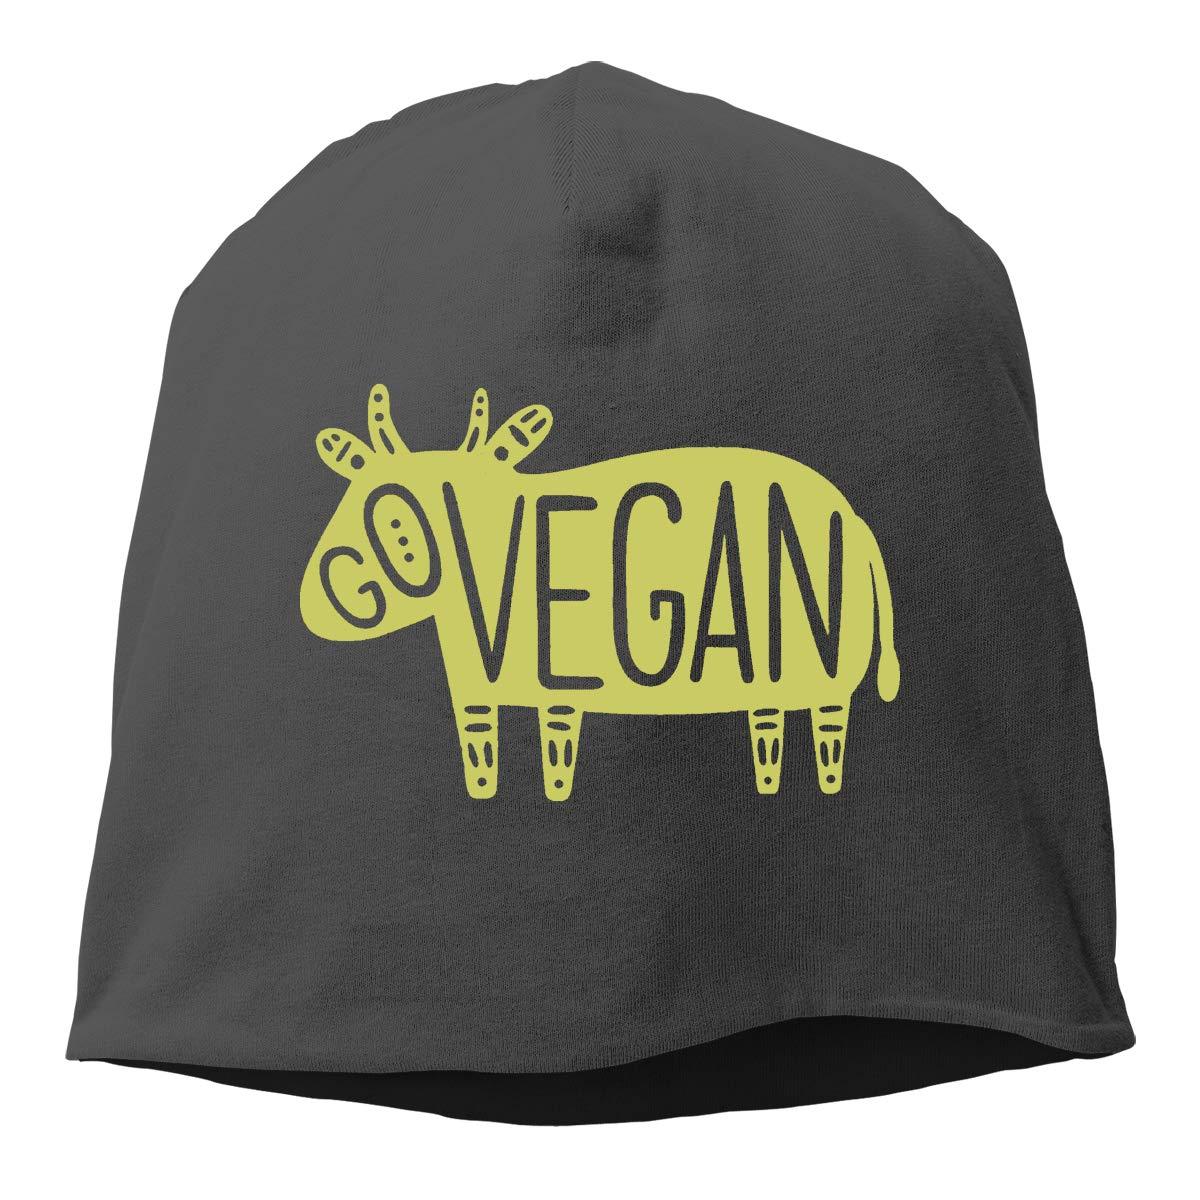 Go Vegan Unisex Knitted Hat Beanie Hat Warm Hats Skull Cap Beanie Hat